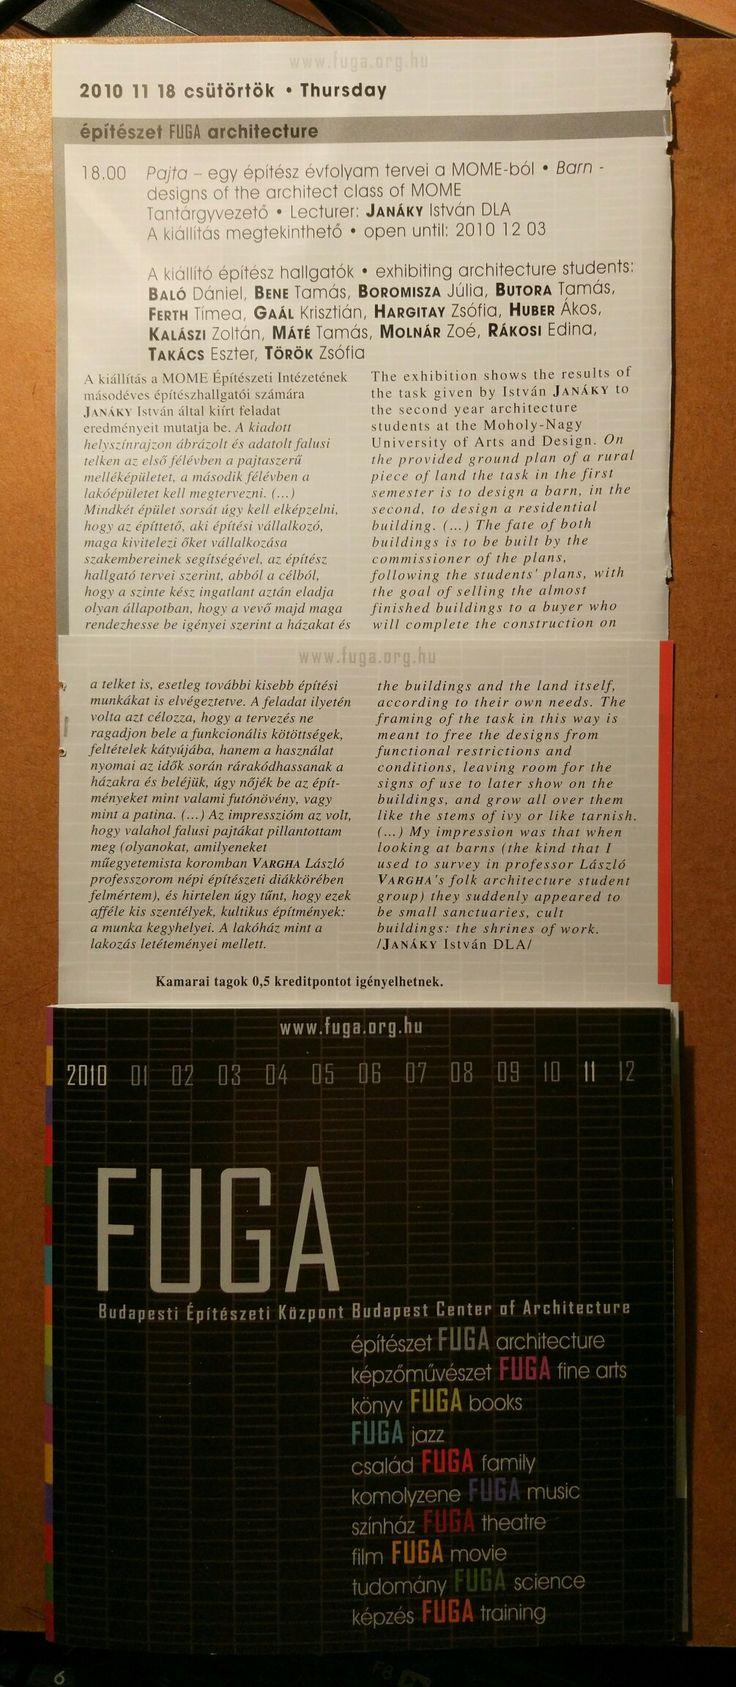 Pajta kiállítás @ FUGA #Janaky #FUGA #MOME